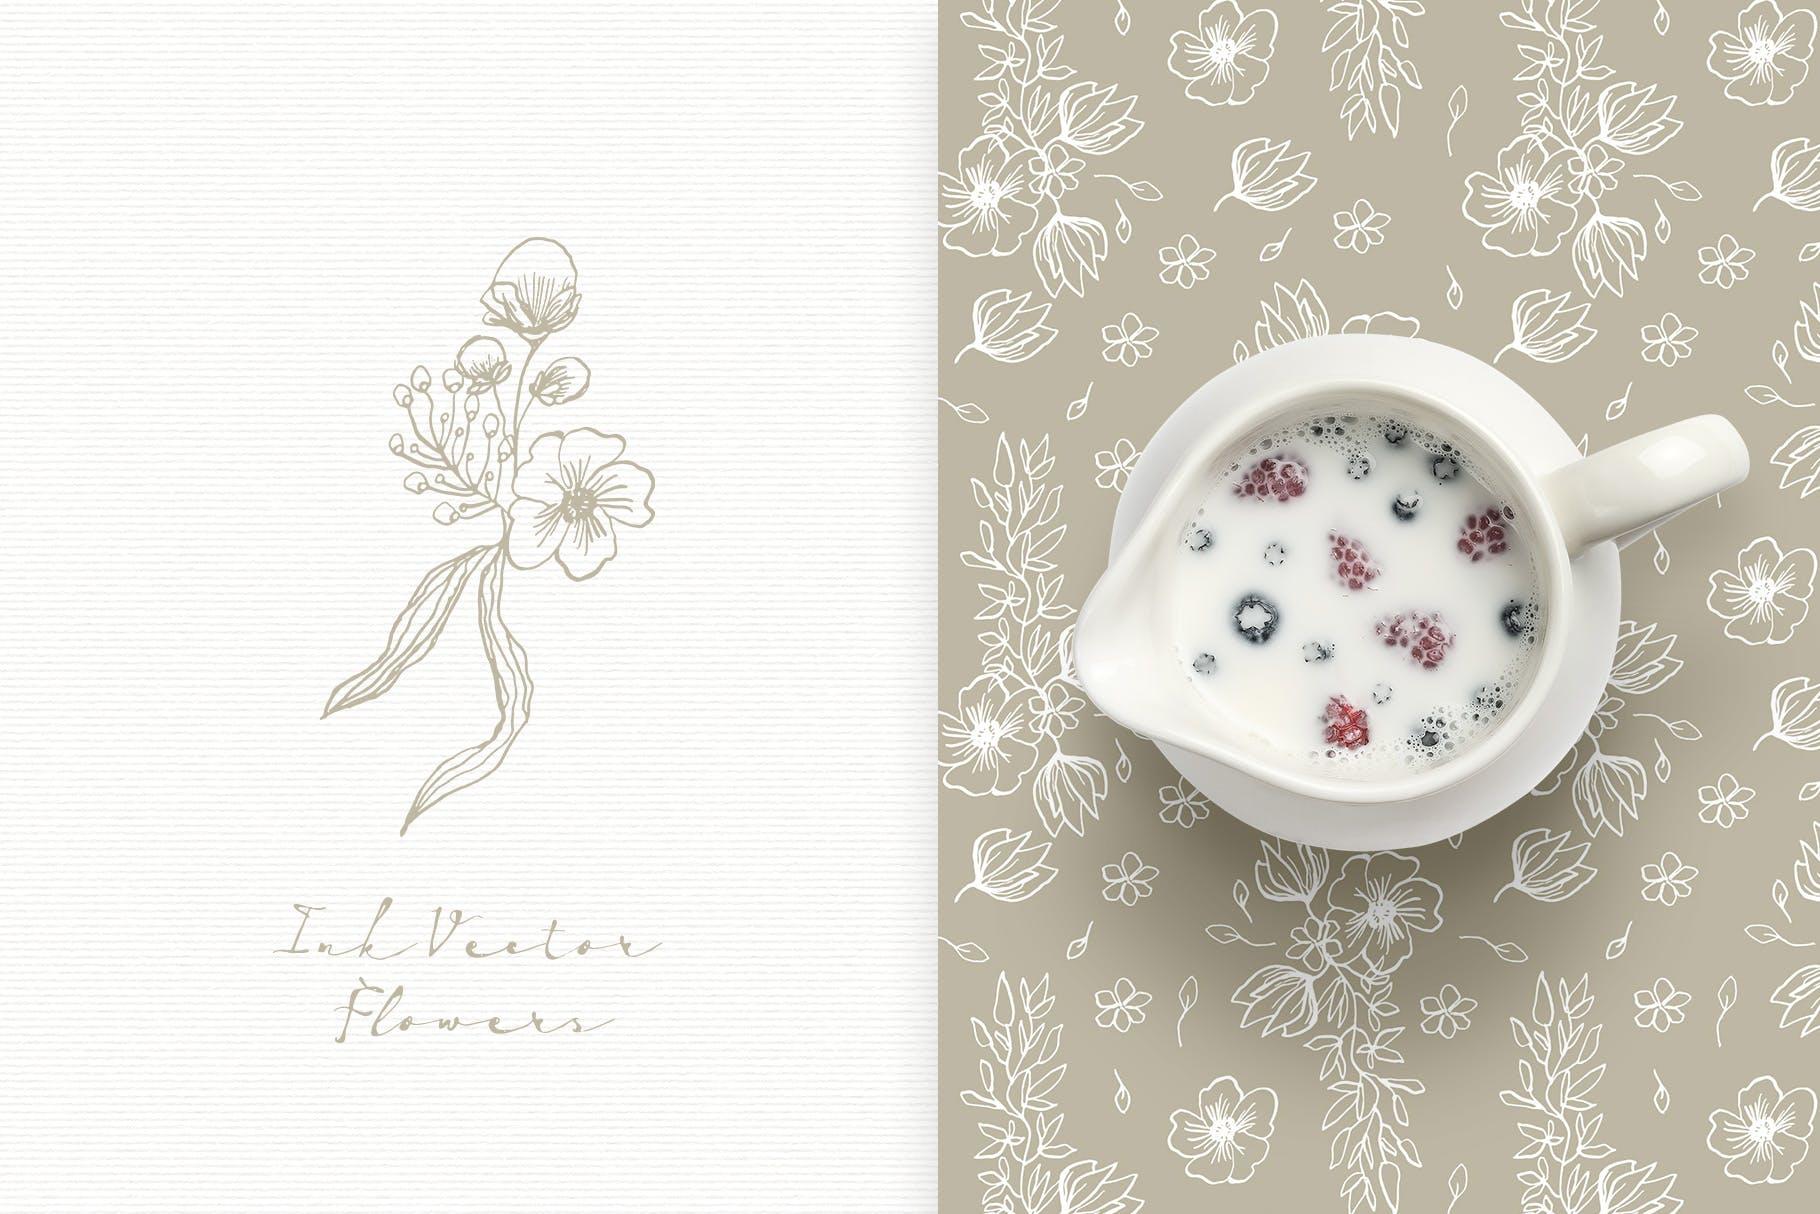 手工研磨制品装饰图案Ink Vector Flowers插图(4)